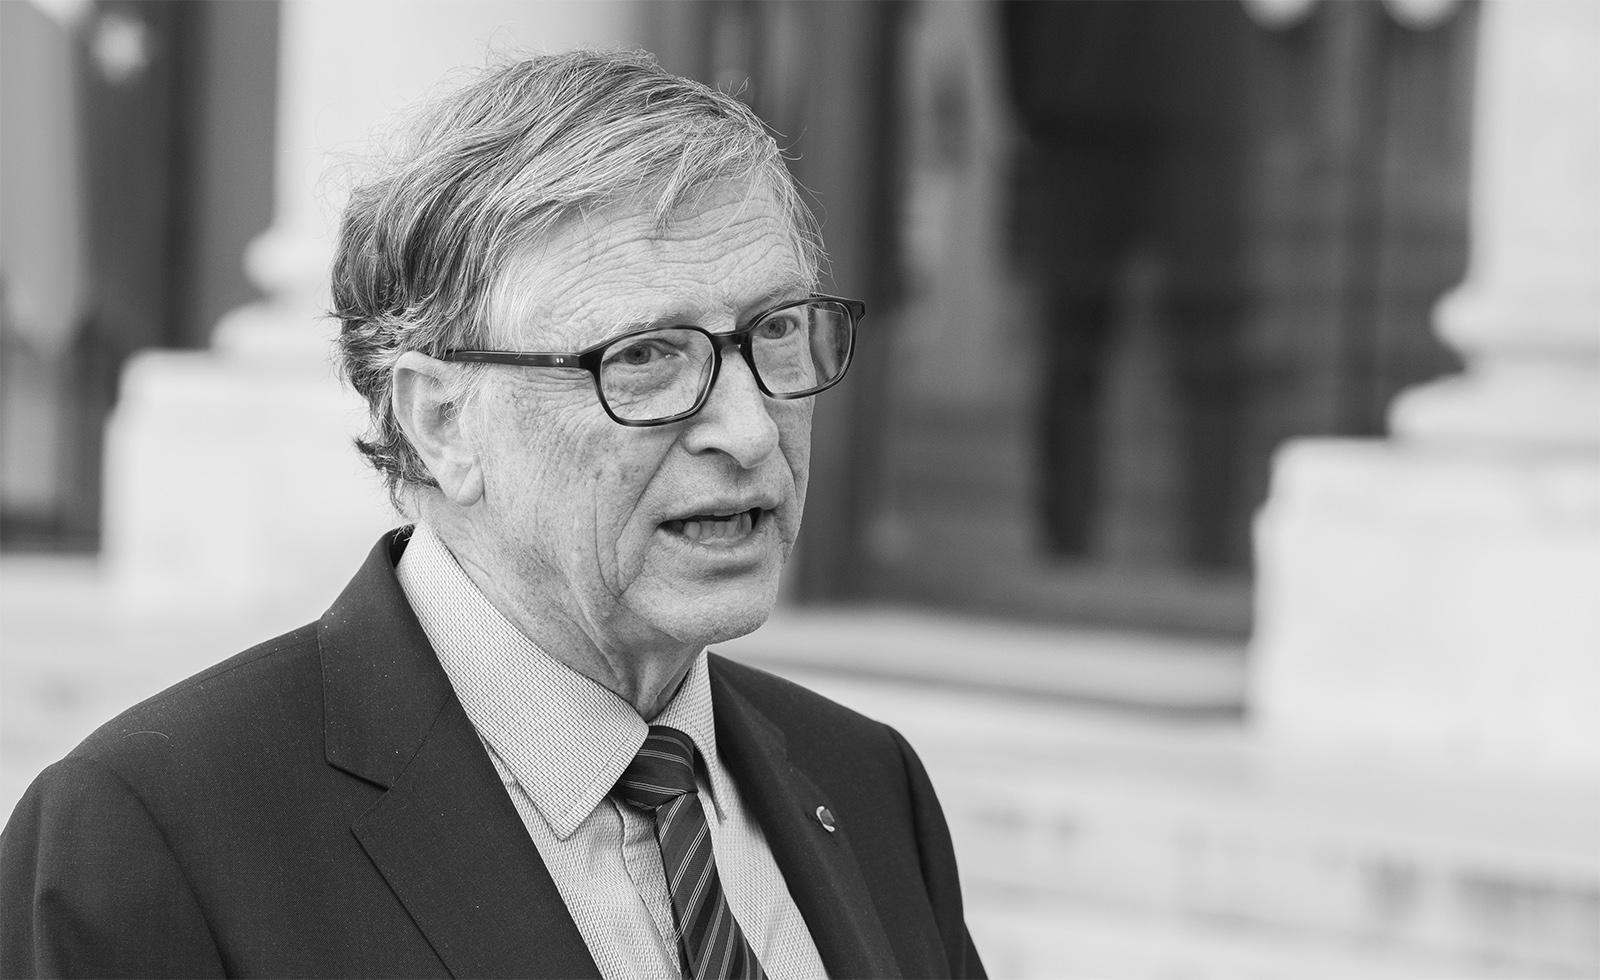 Bill Gates von Microsoft Profil in schwarz weiß